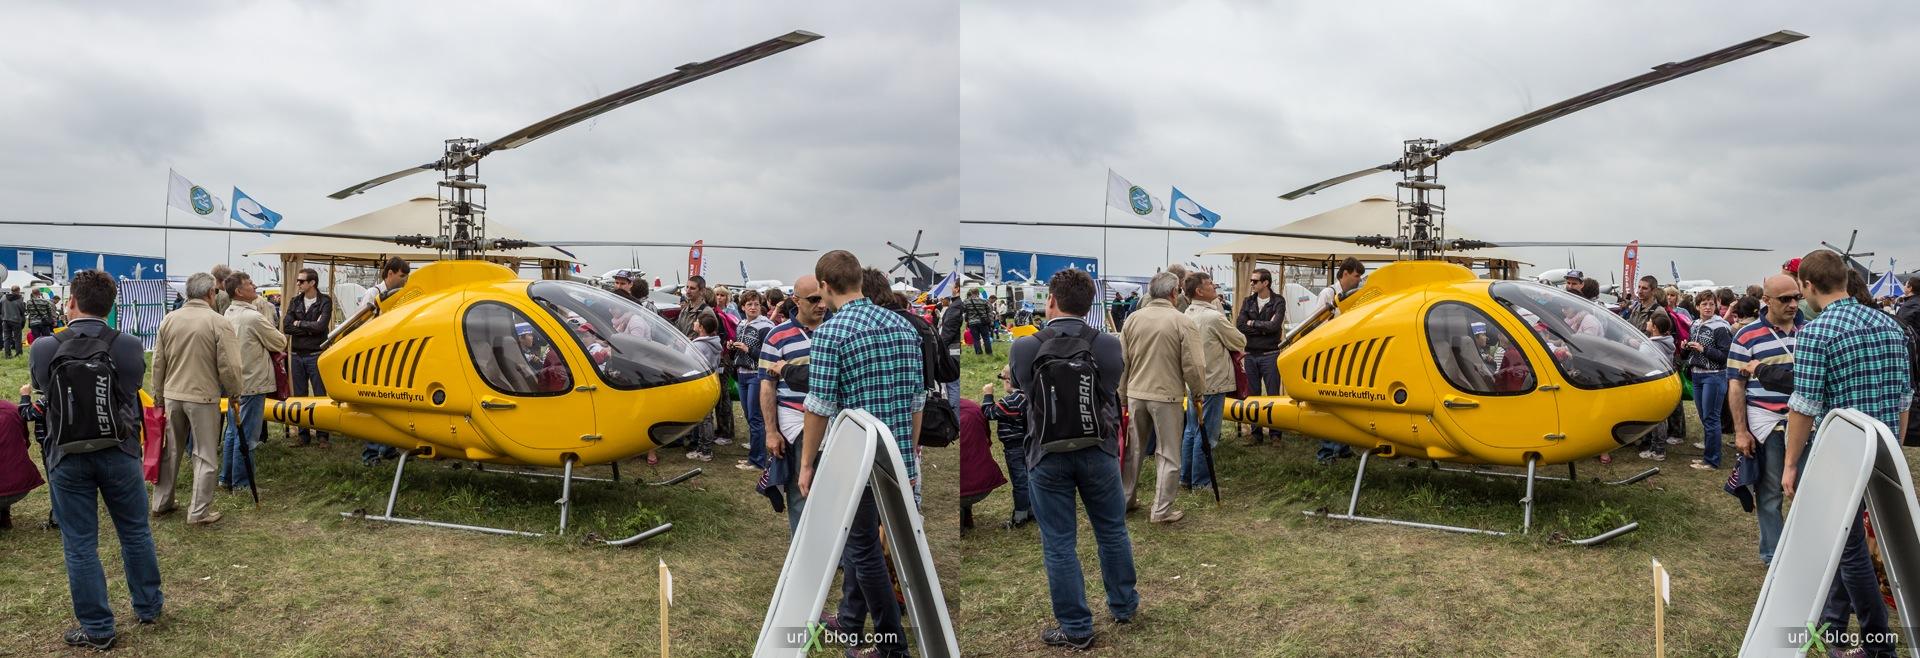 2013, Беркут ВЛ, Россия, Раменское, Жуковский, аэродром, самолёт, экспозиция, МАКС, Международный Авиационно-космический Салон, 3D, перекрёстная стереопара, стерео, стереопара